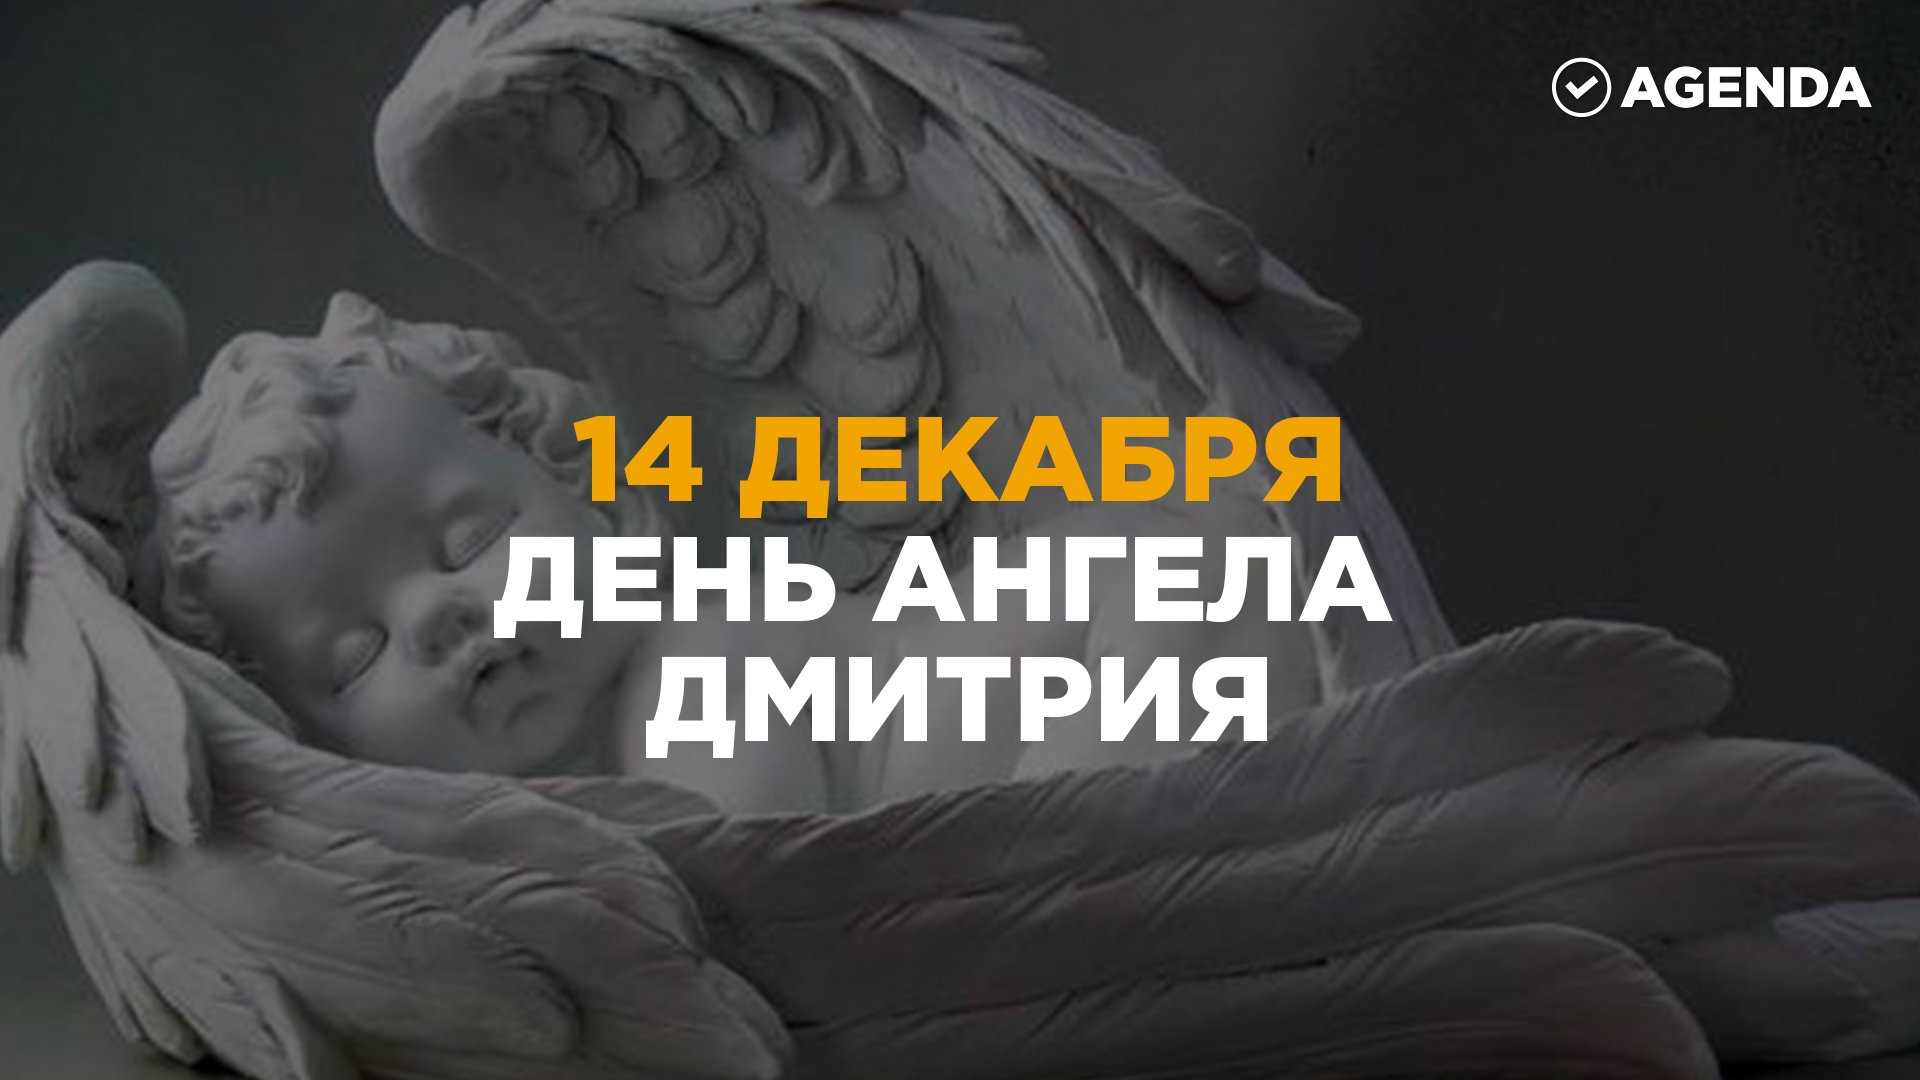 Открытка с днем ангела дмитрия, картинки прикольные